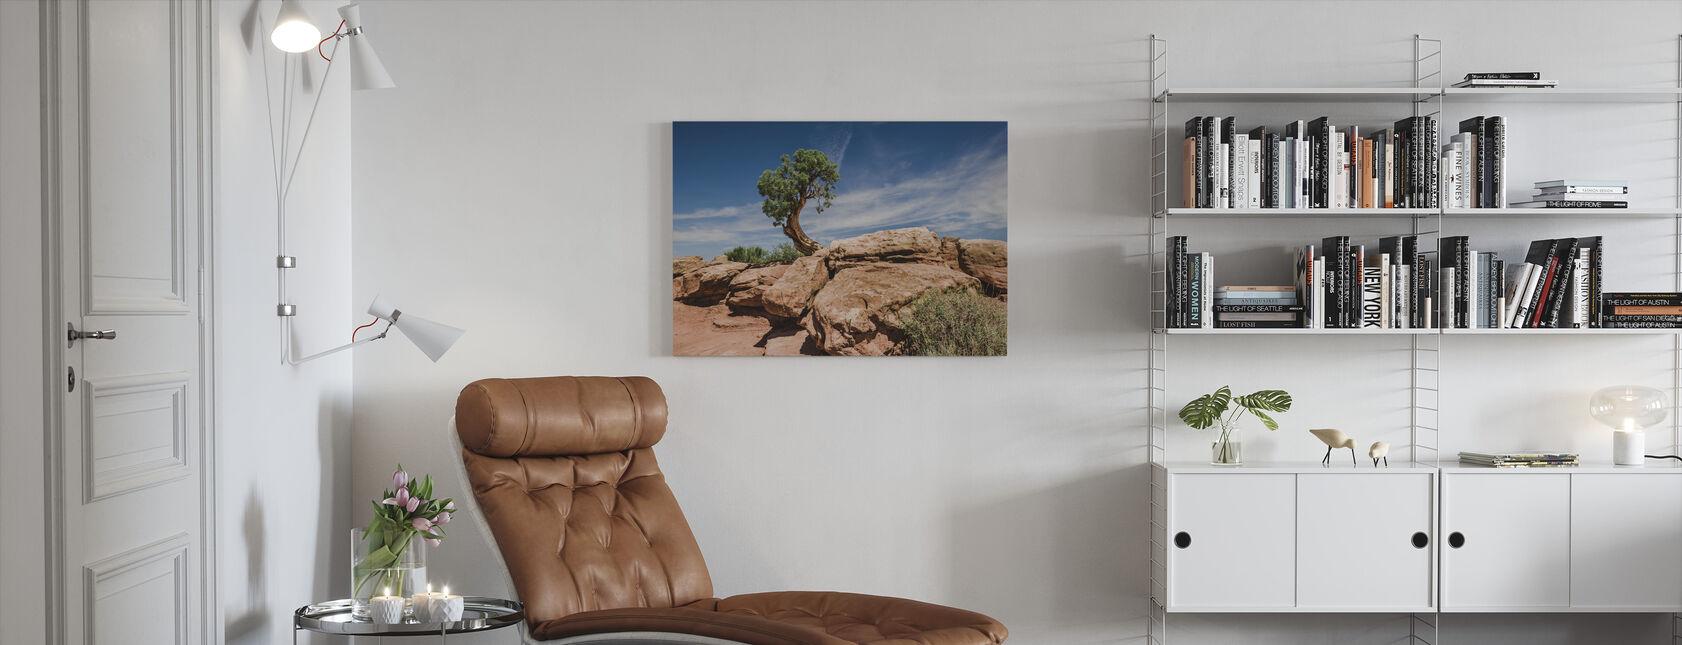 Aavikko puu Utahissa - Canvastaulu - Olohuone